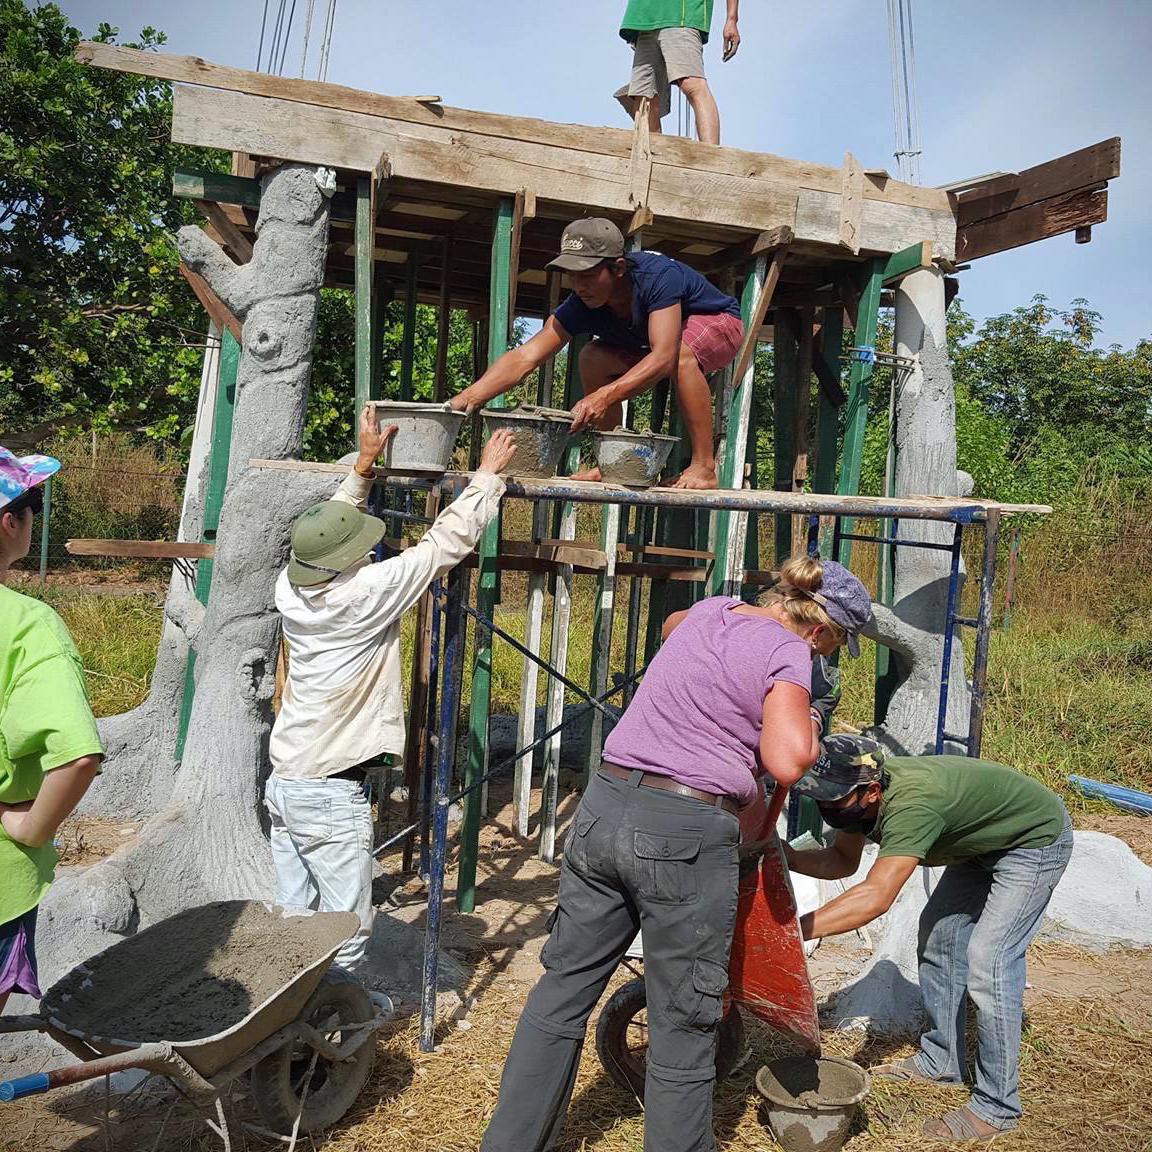 Construction volunteers